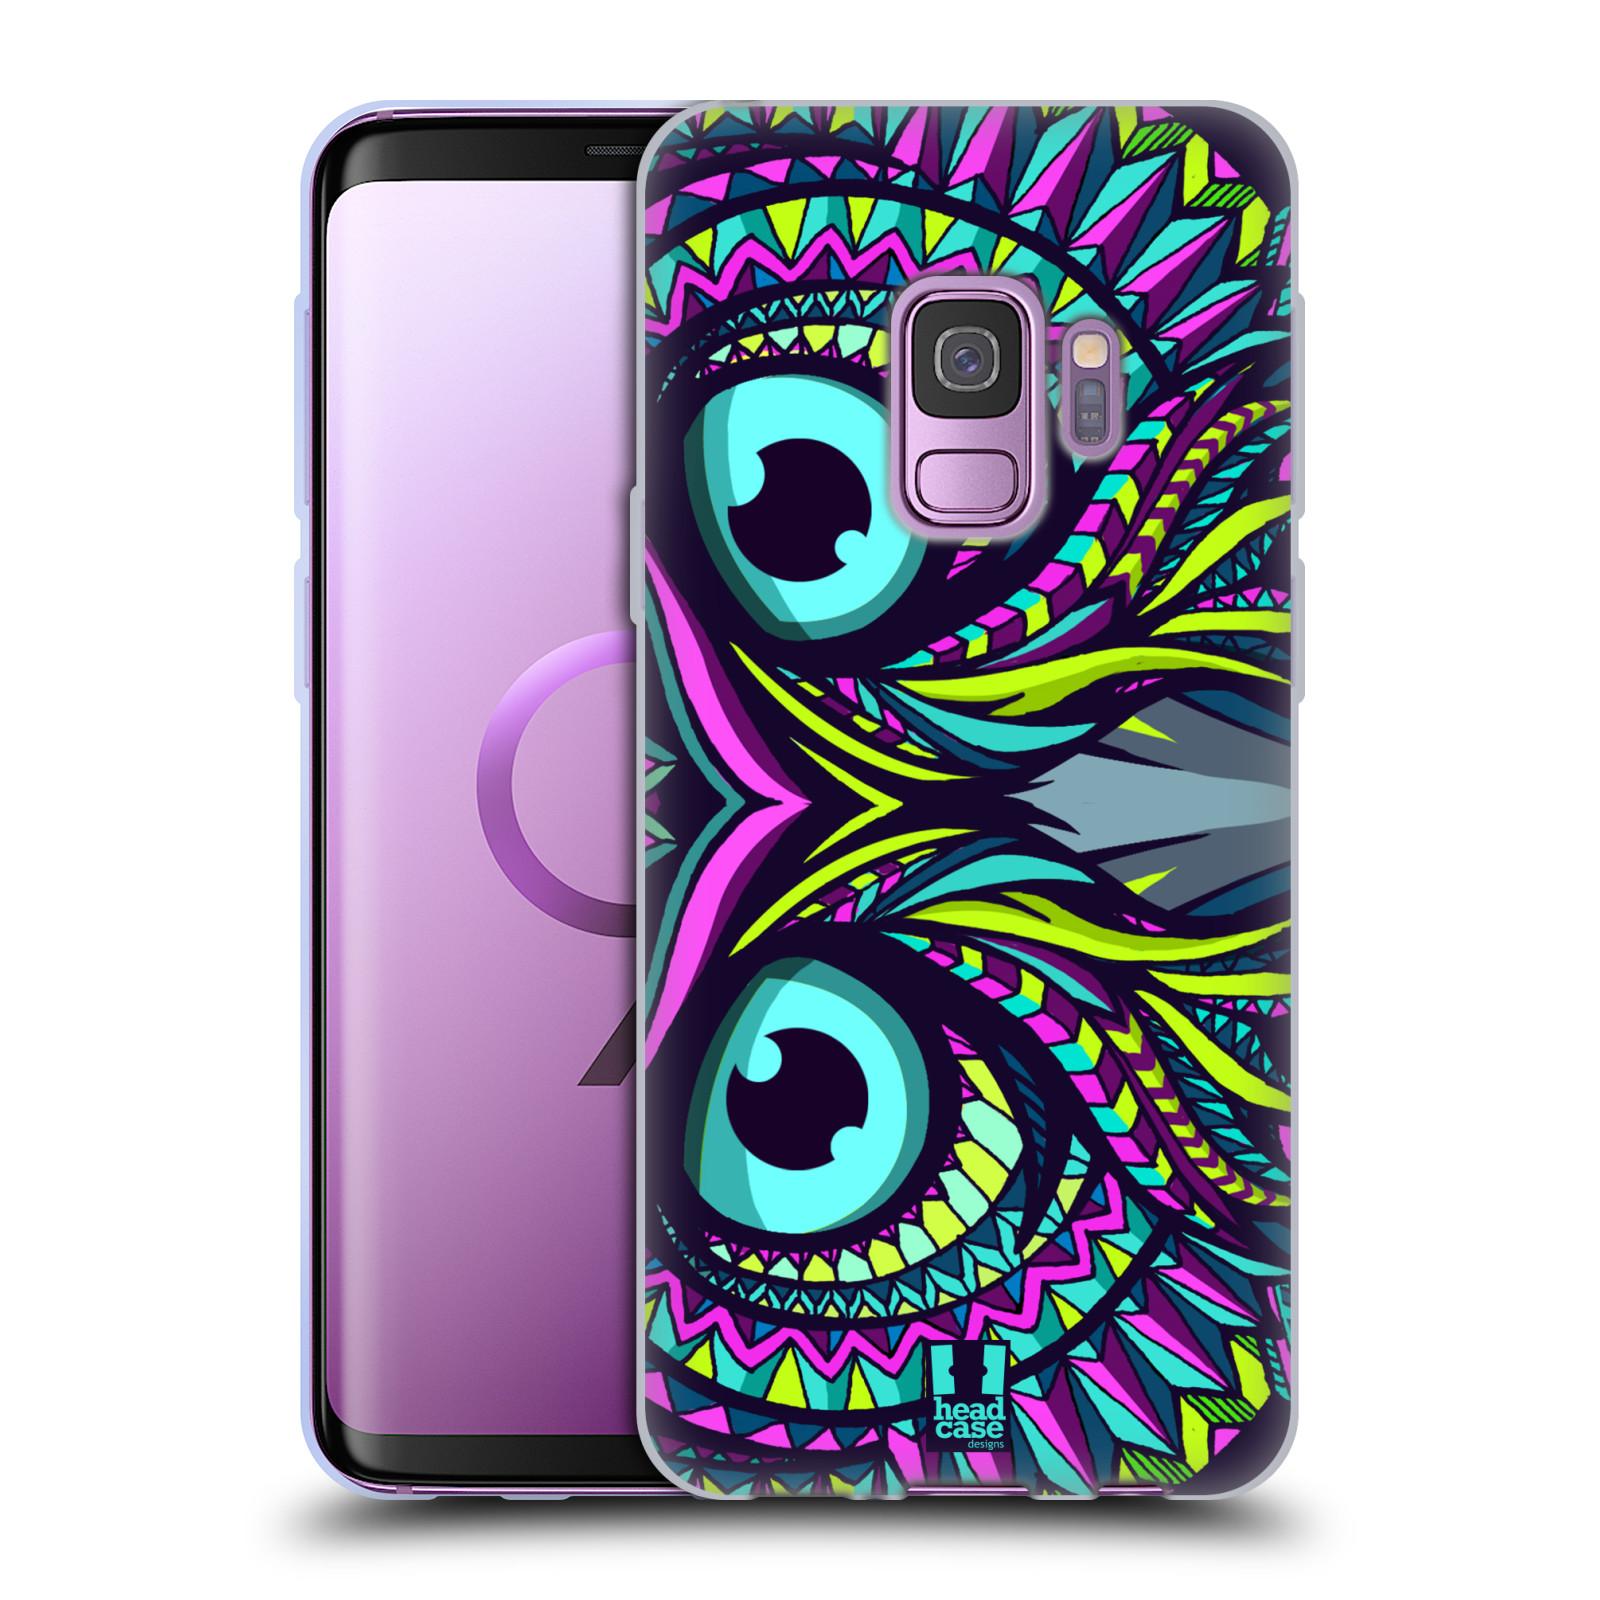 Silikonové pouzdro na mobil Samsung Galaxy S9 - Head Case - AZTEC SOVA